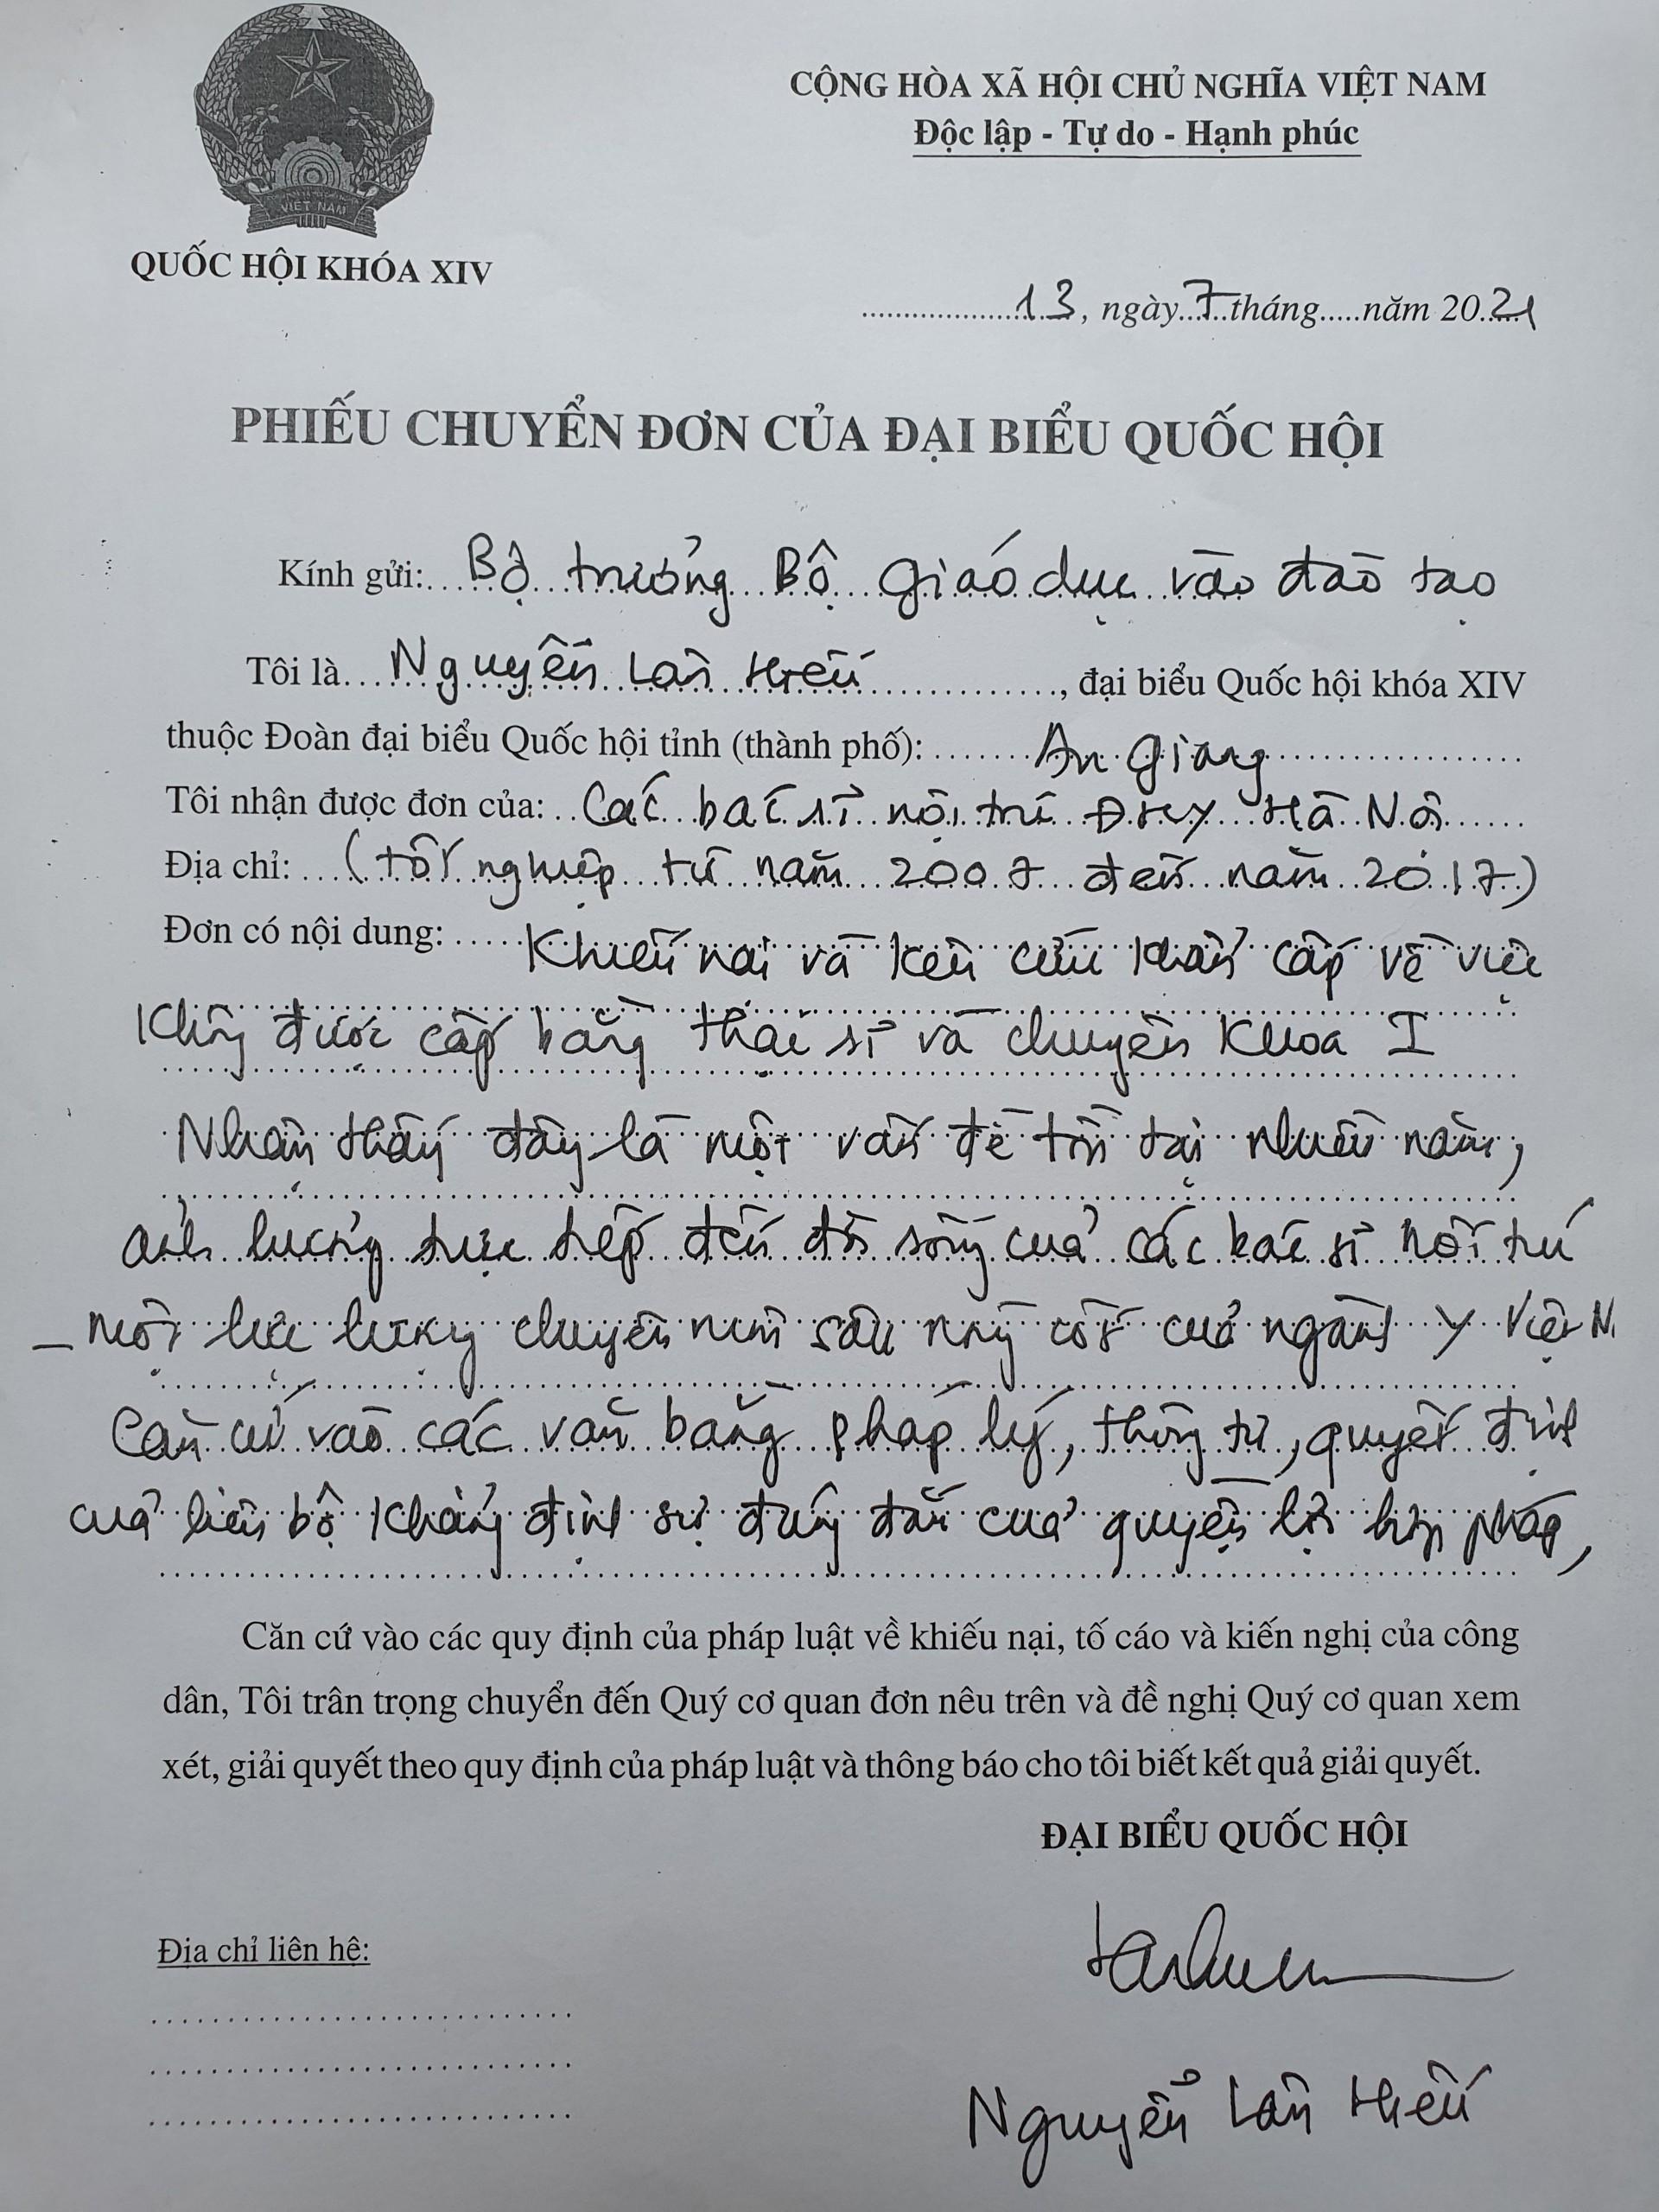 Phiếu chuyển đơn của PGS.TS Nguyễn Lân Hiếu gửi Bộ trường Bộ GD&ĐT.